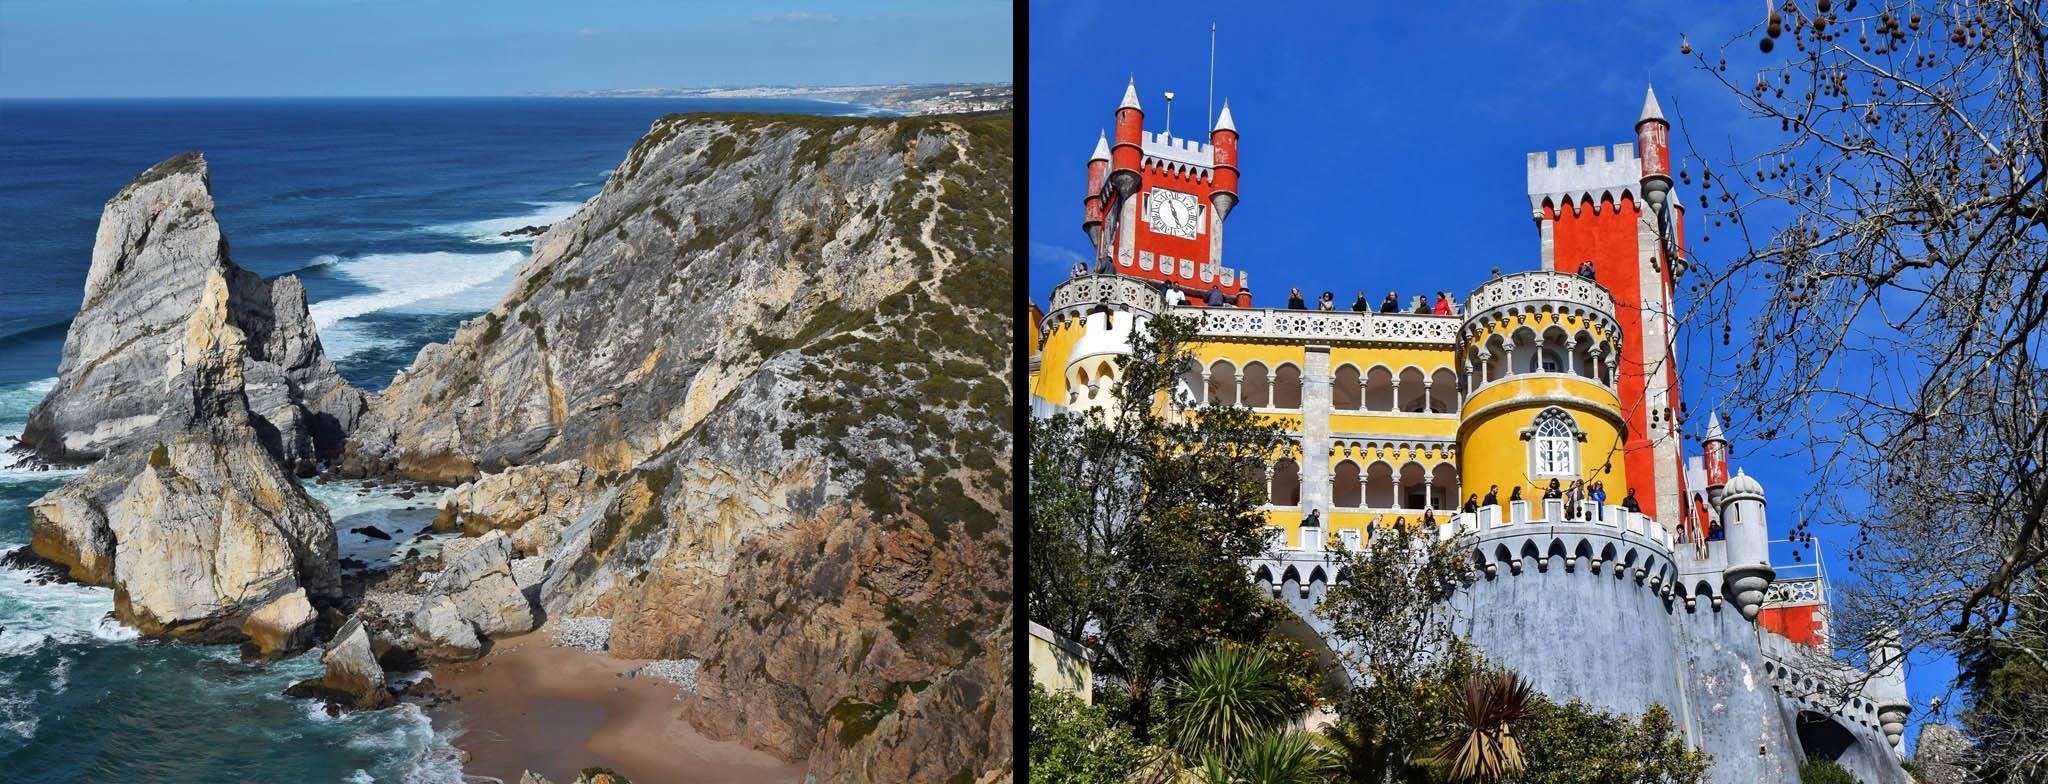 Sintra. Kiczowaty pałac Pena i niebiańsko piękna Praia da Ursa